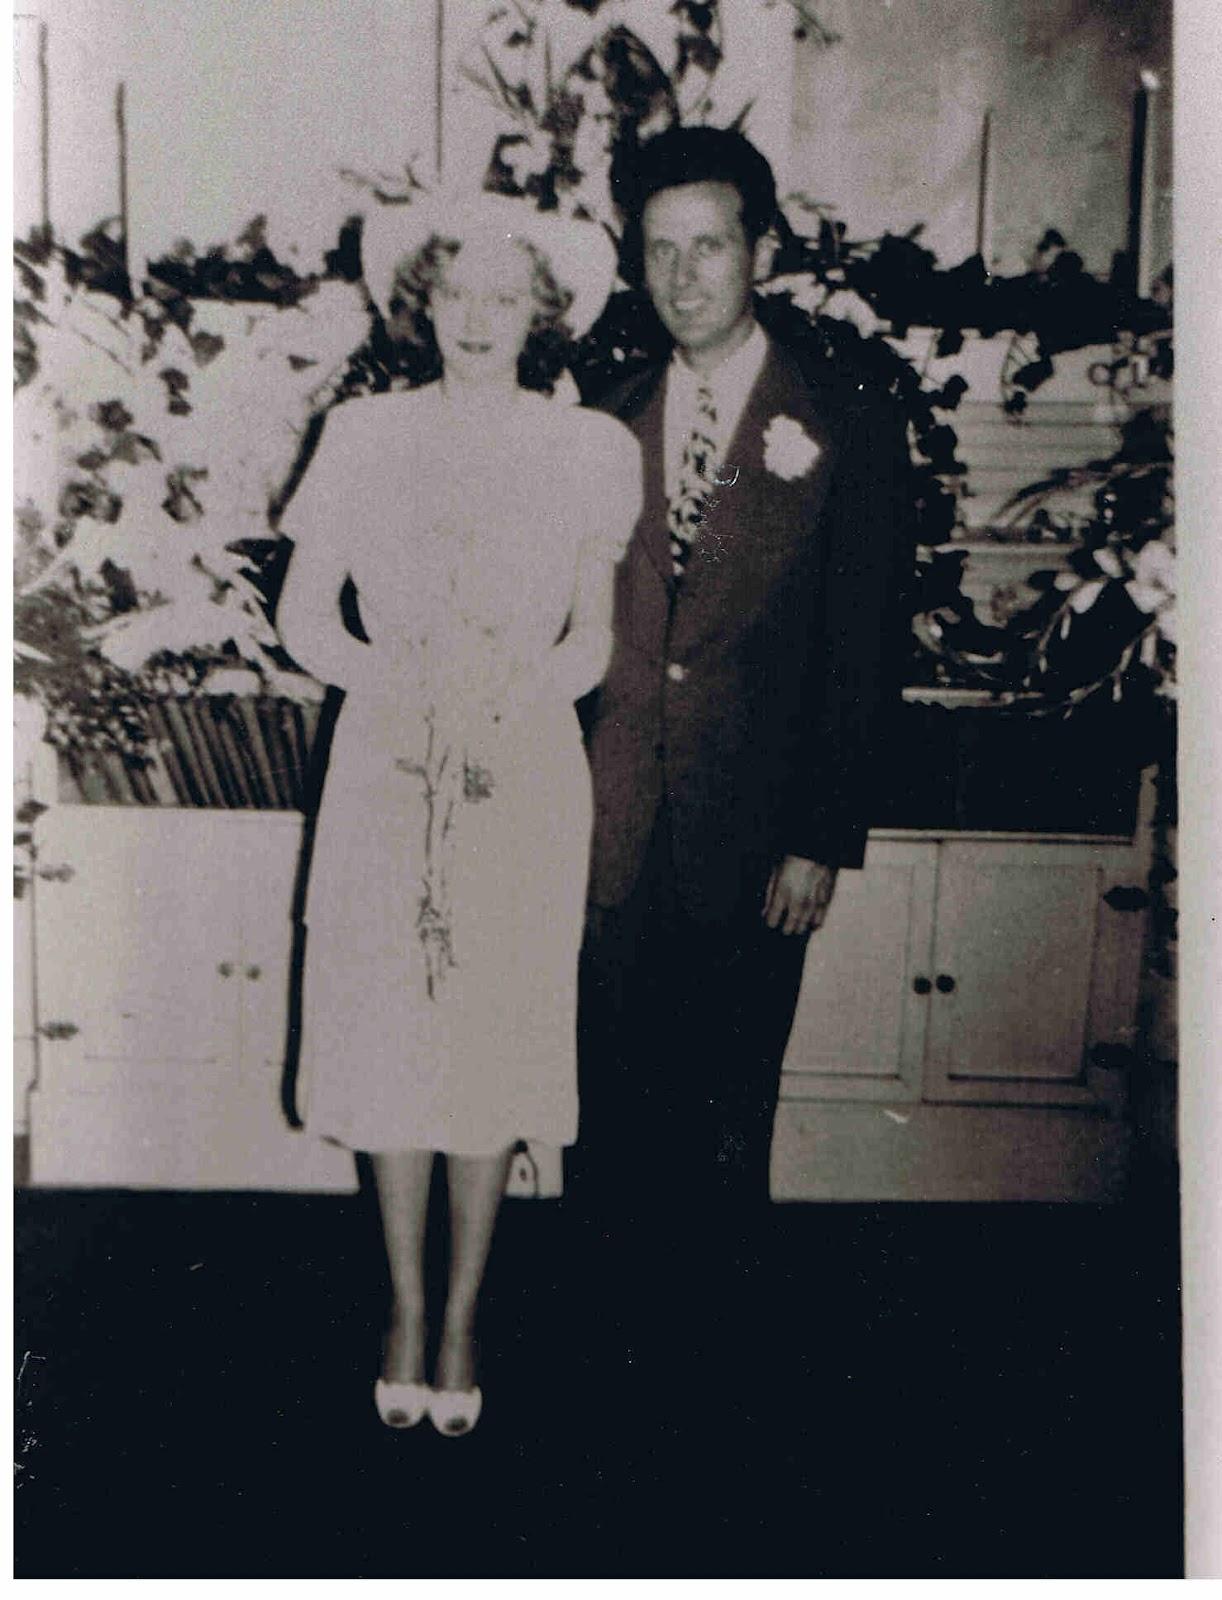 http://4.bp.blogspot.com/-mLHtY3t_9vs/T-sjSzJwIeI/AAAAAAAACn8/GRl8PK7Okkw/s1600/MagersDuncanwedding.jpg